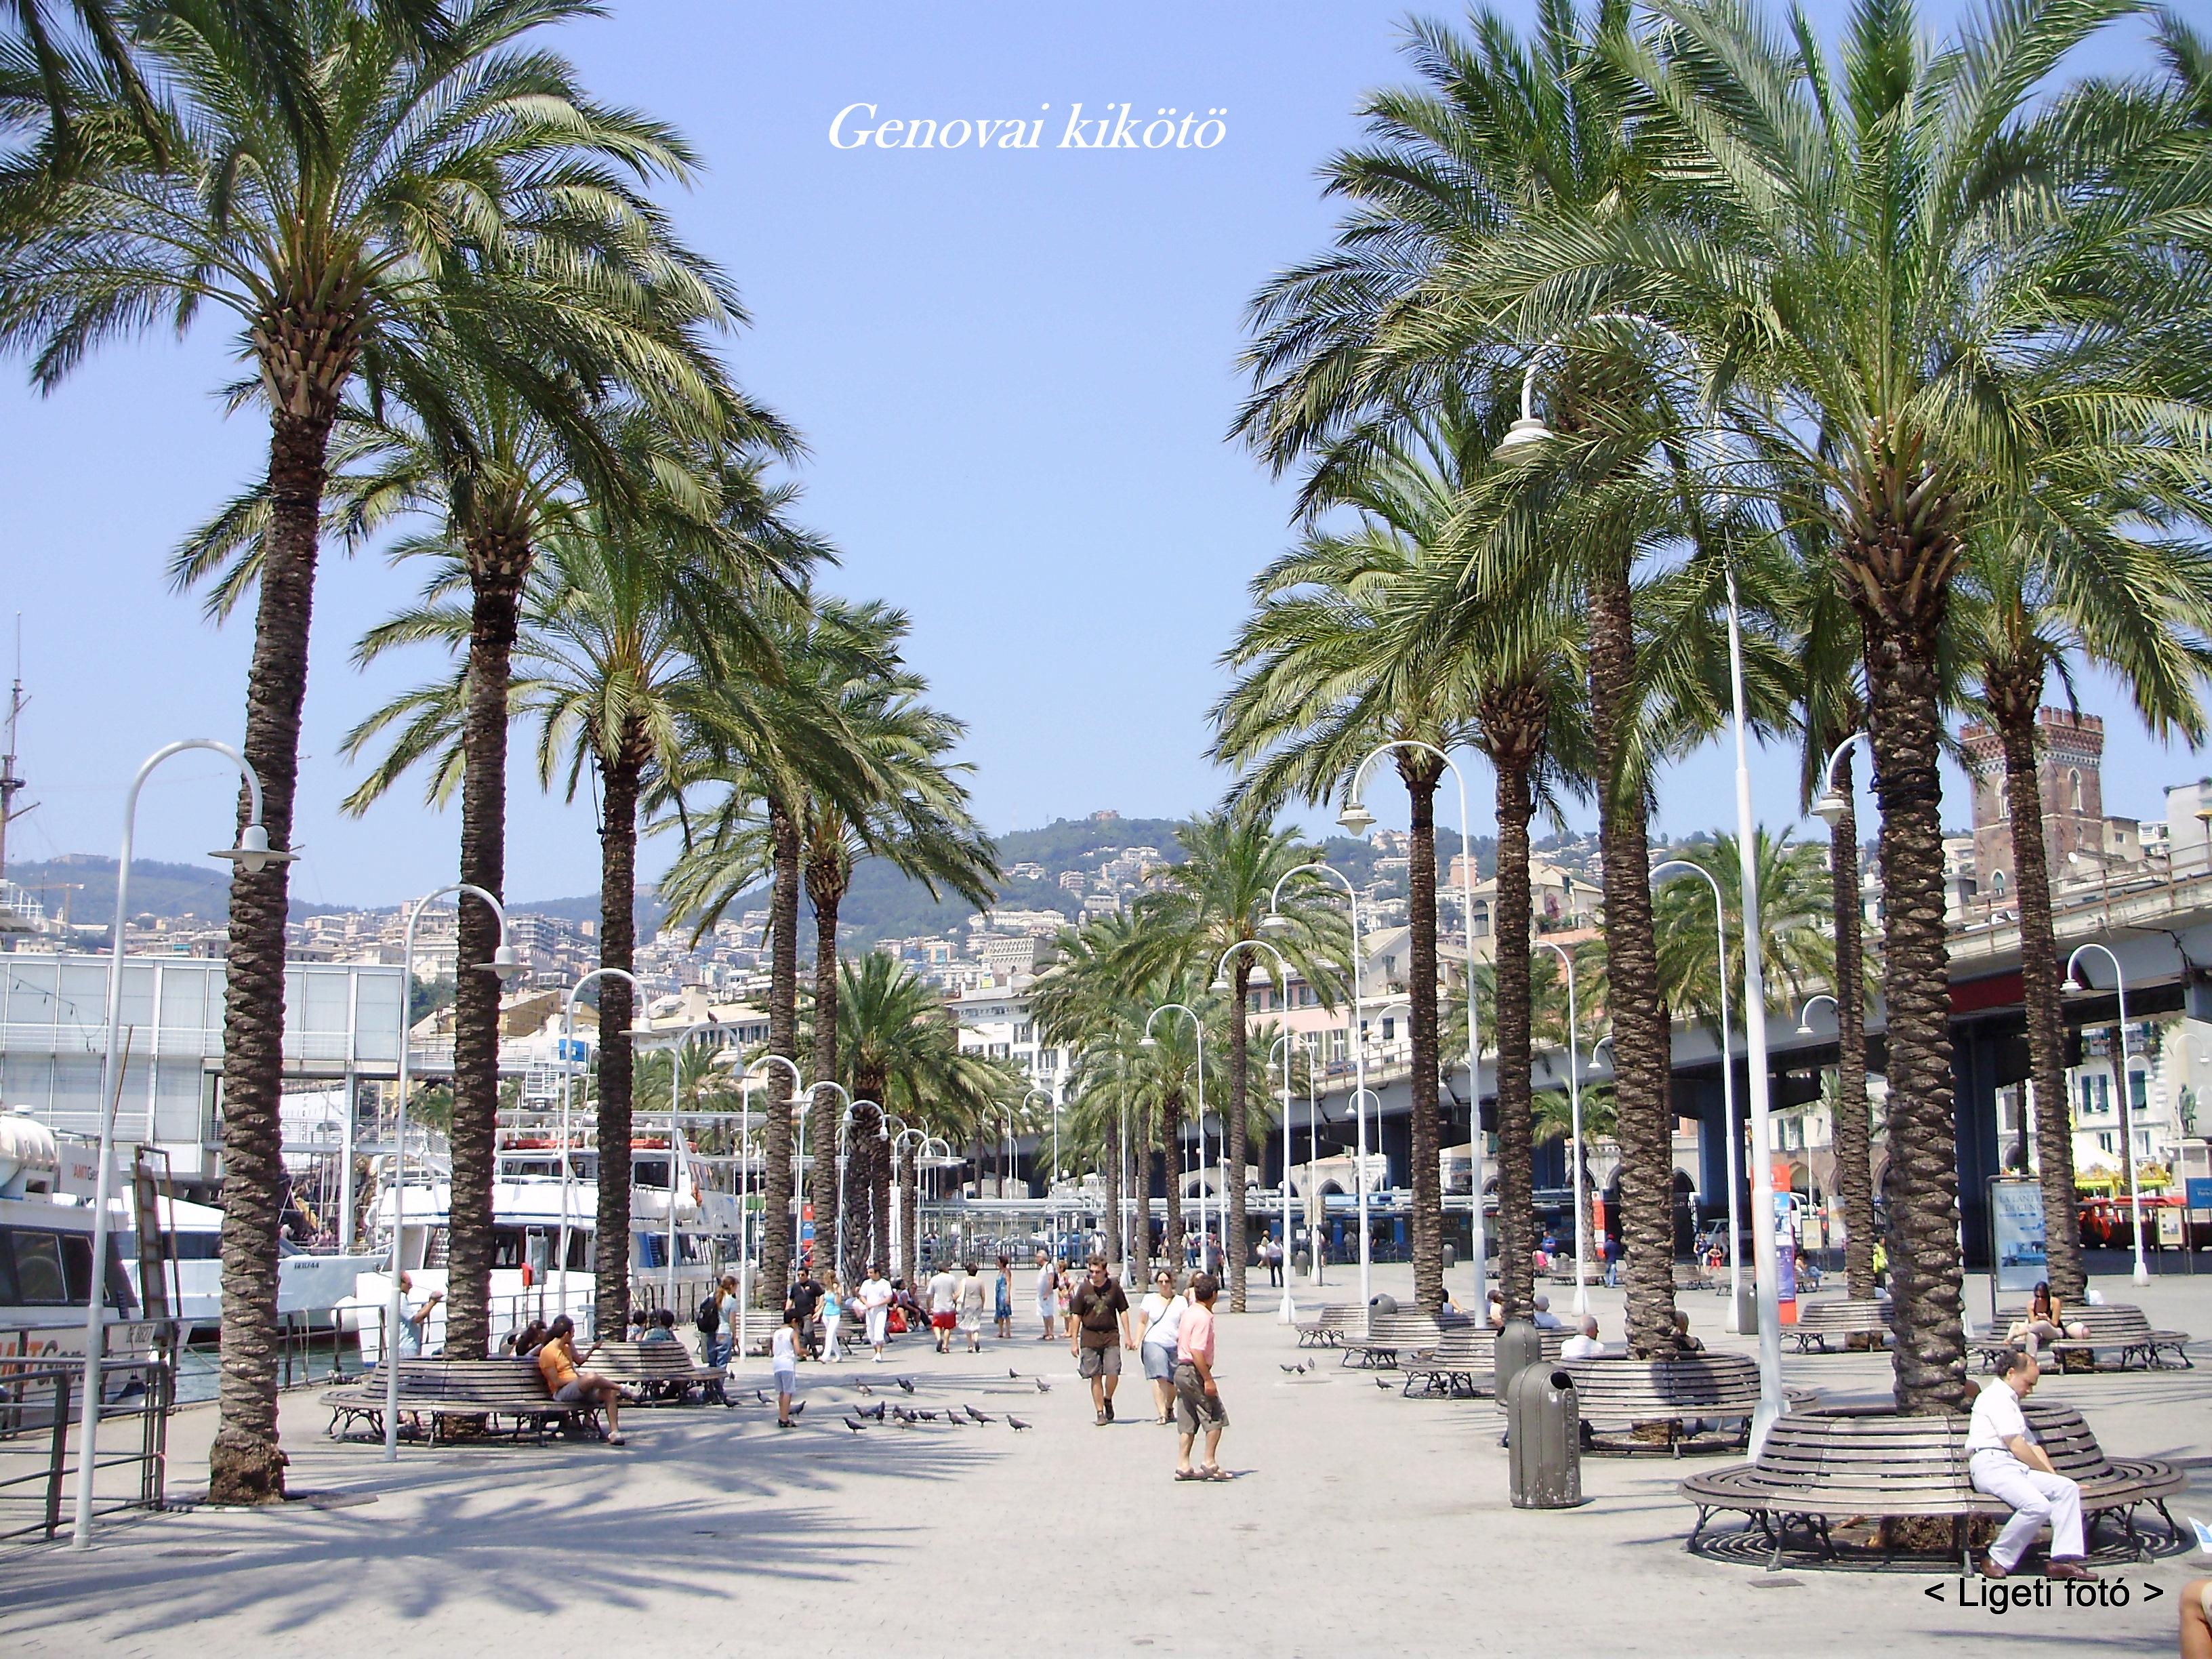 genova térkép Olaszország: Genovai kikötő   2011. 06. 27. (Porto di Genova) (kép) genova térkép